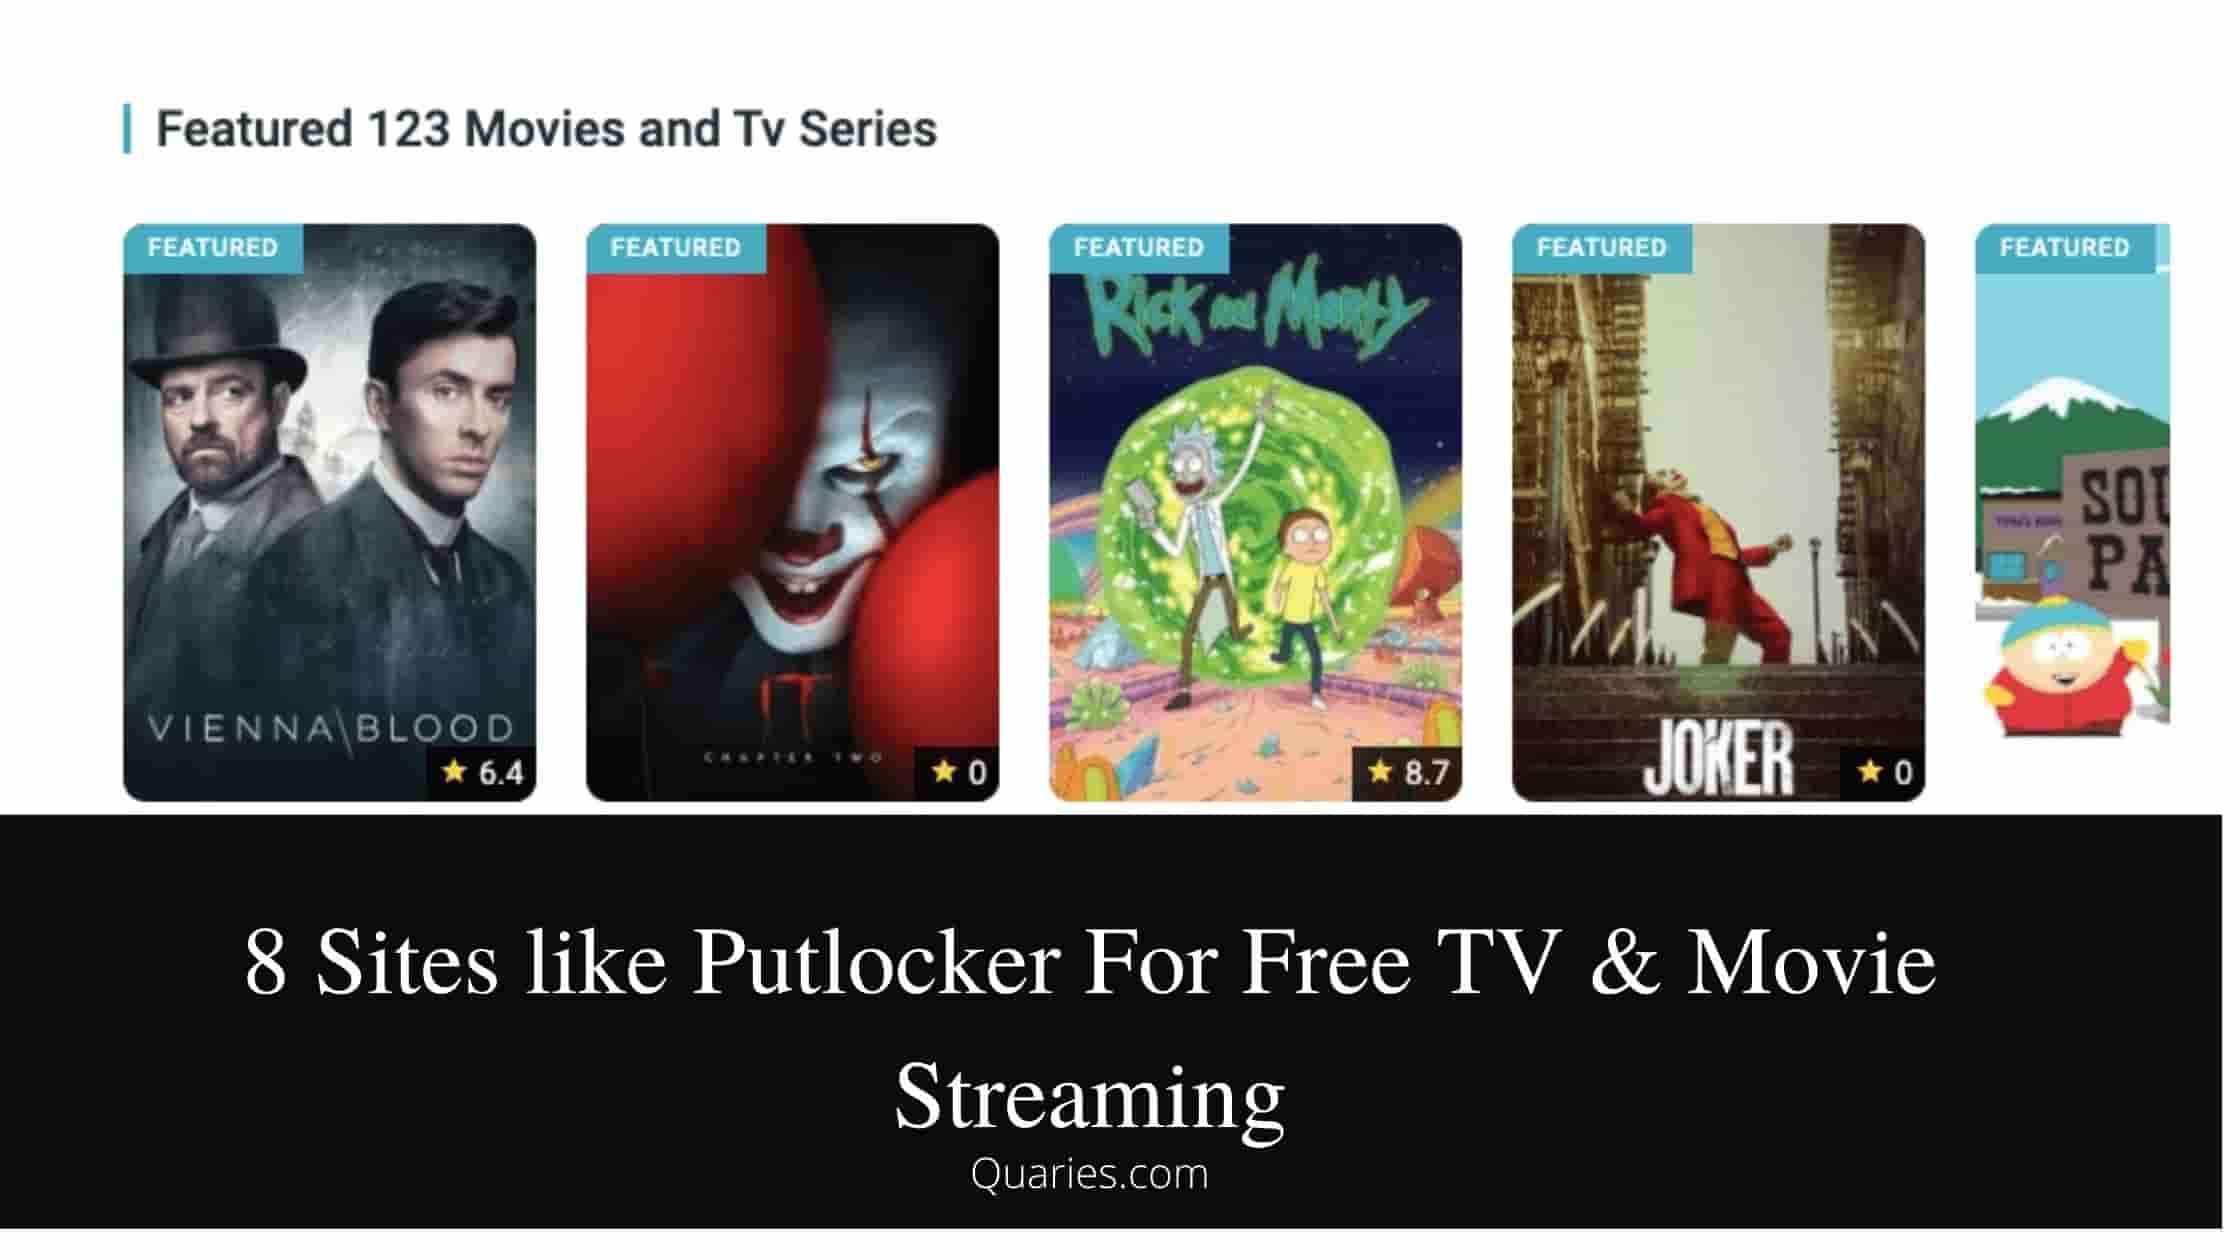 Sites like Putlocker